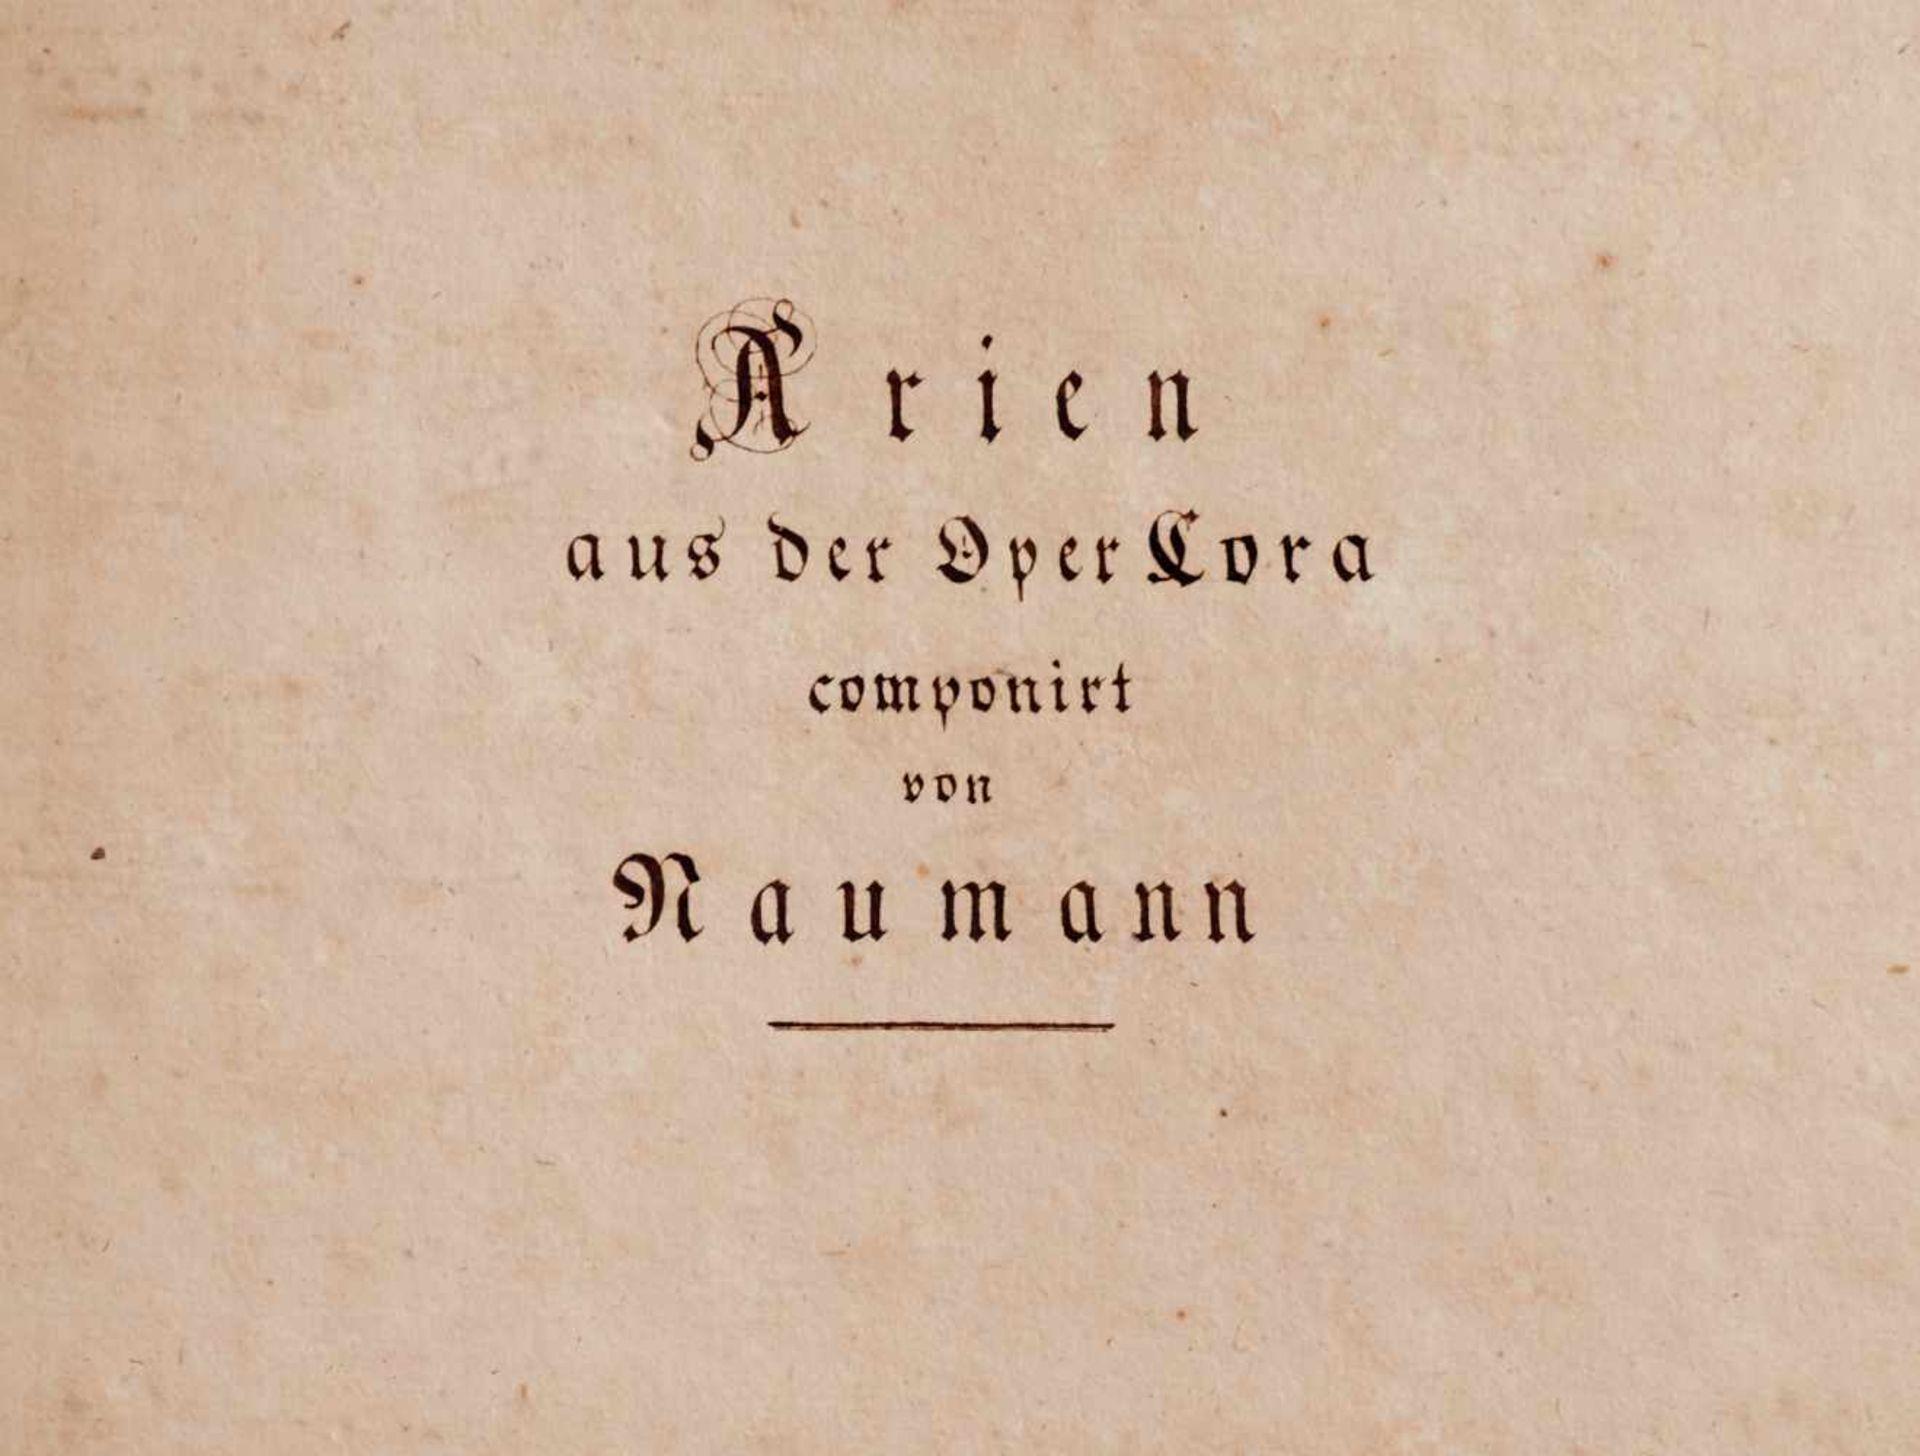 """Naumann- """"Arien aus der Oper Cora componirt von Naumann."""" Deutsche Musikhandschriftauf Papier. - Bild 2 aus 5"""